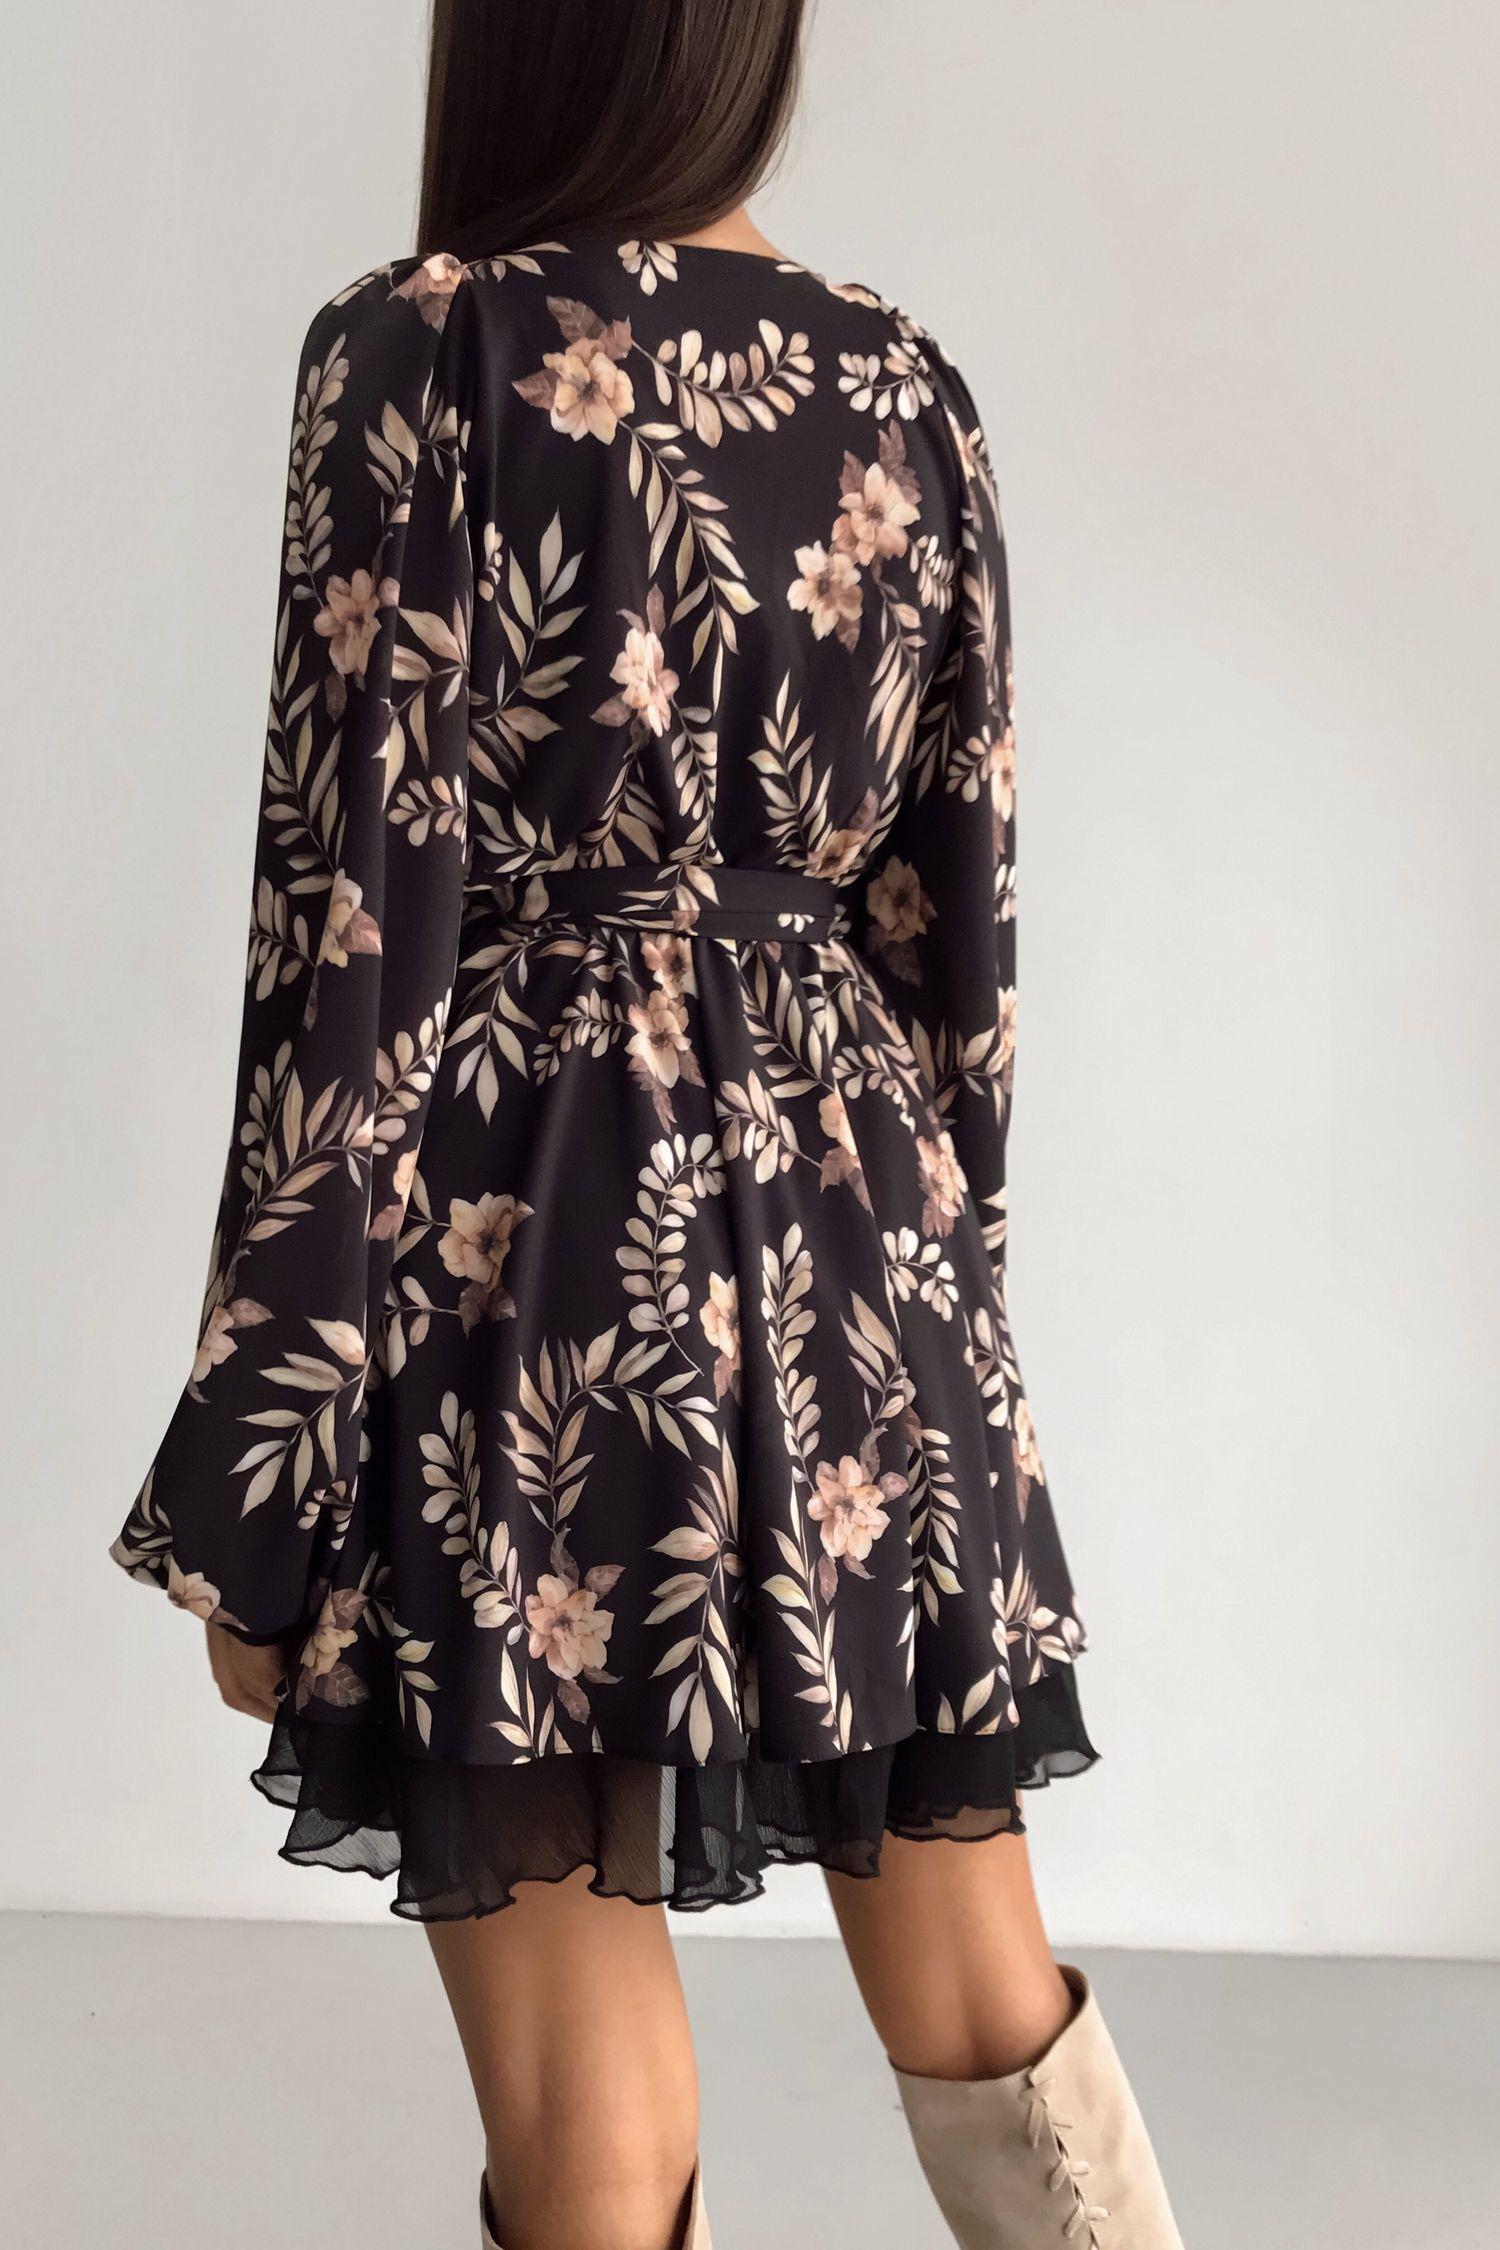 Сукня міні чорний Золоті квіти - THE LACE